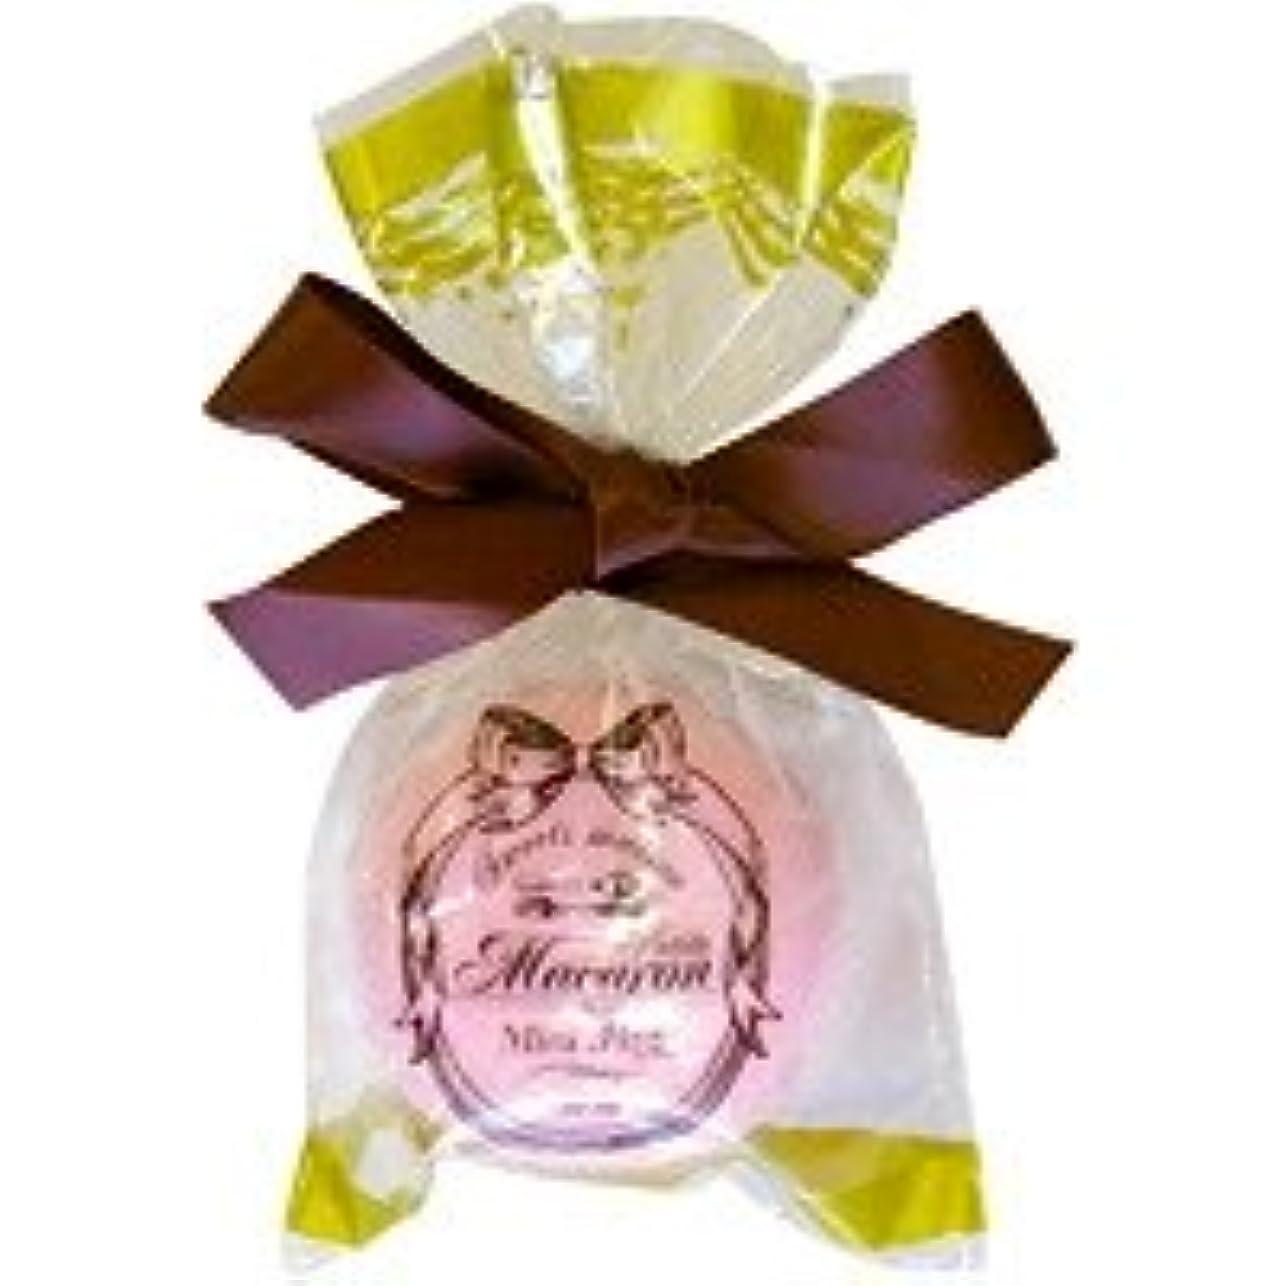 写真を描く規制するバーベキュースウィーツメゾン プチマカロンフィズ「ピンク」12個セット 甘酸っぱいラズベリーの香り